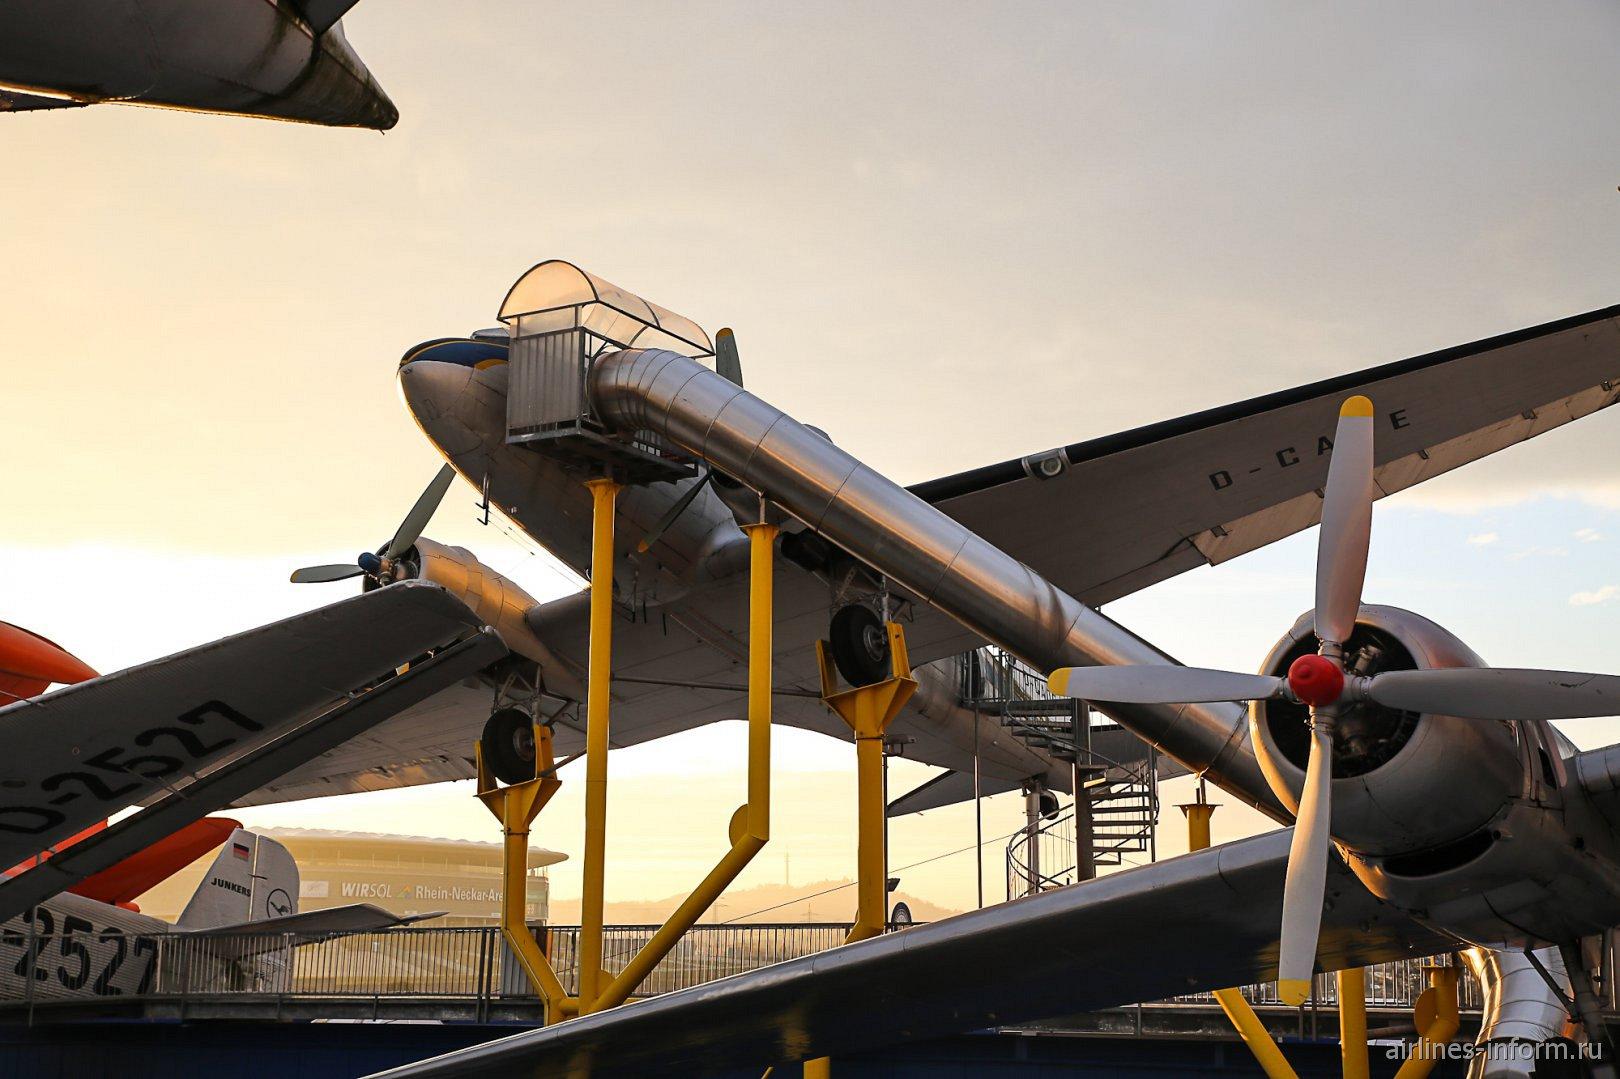 Самолет Дуглас DC-3 в музее техники в Зинсхайме